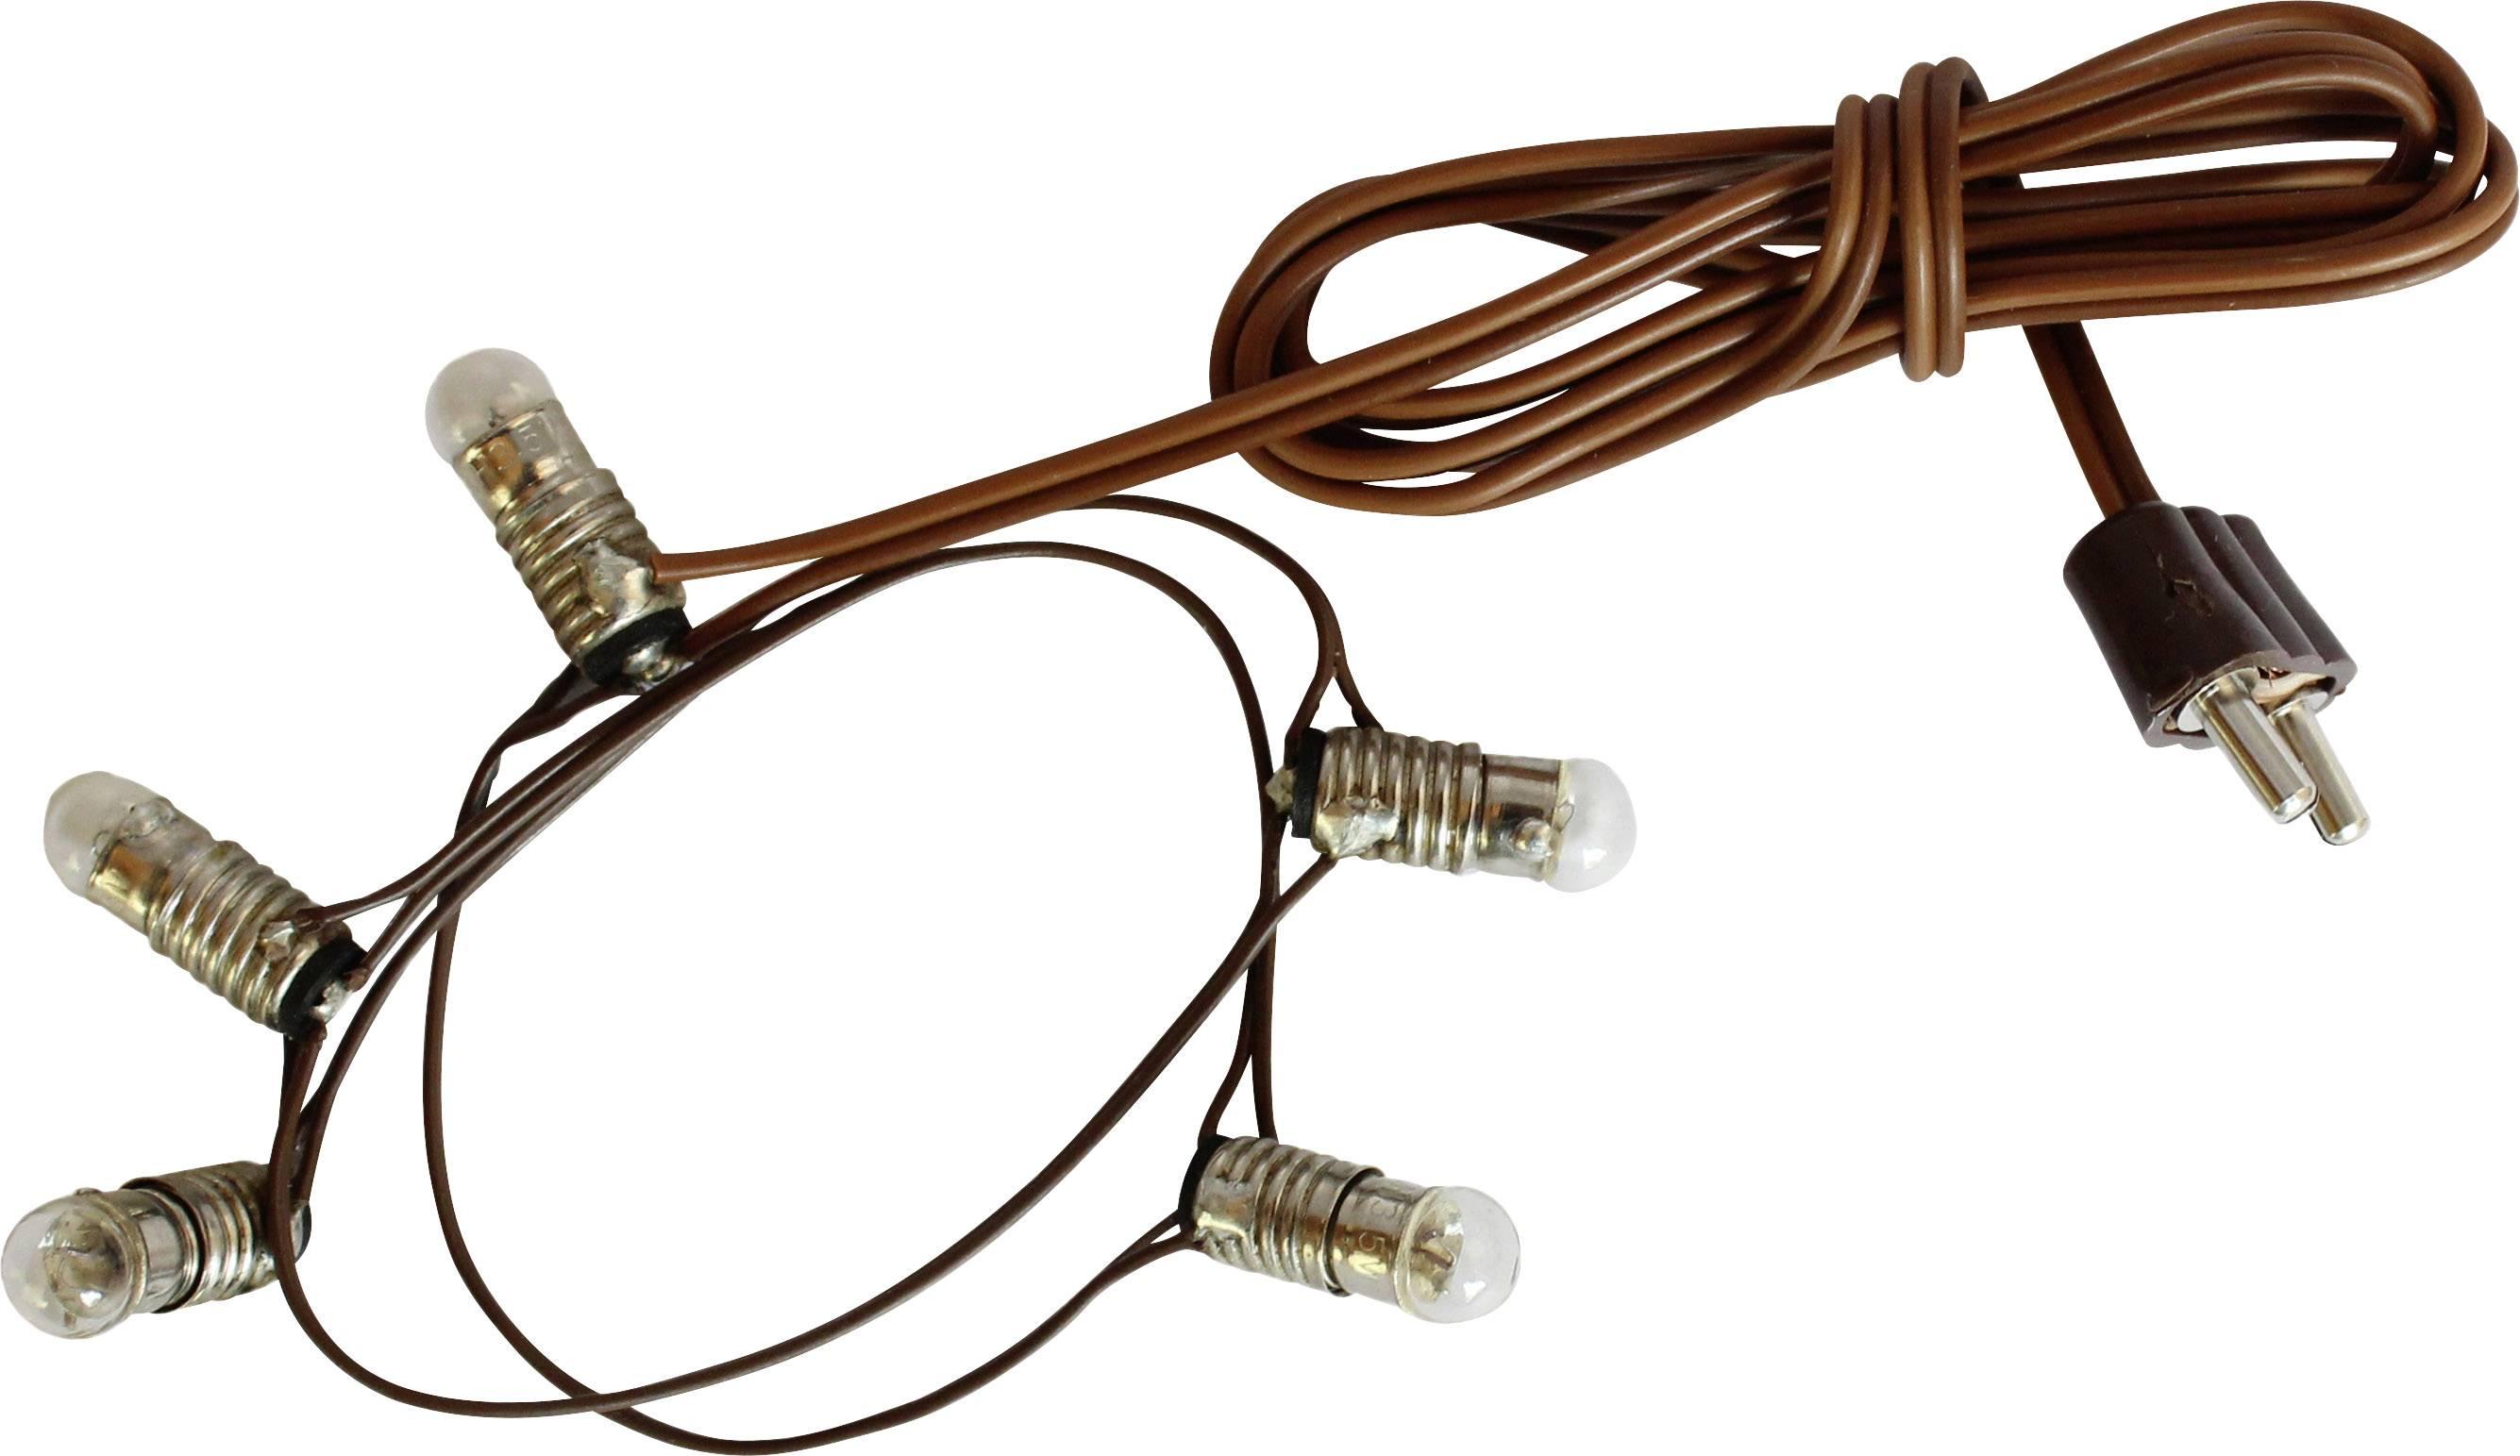 izdelek-svetlobna-veriga-5-zarnic-35-v-60907